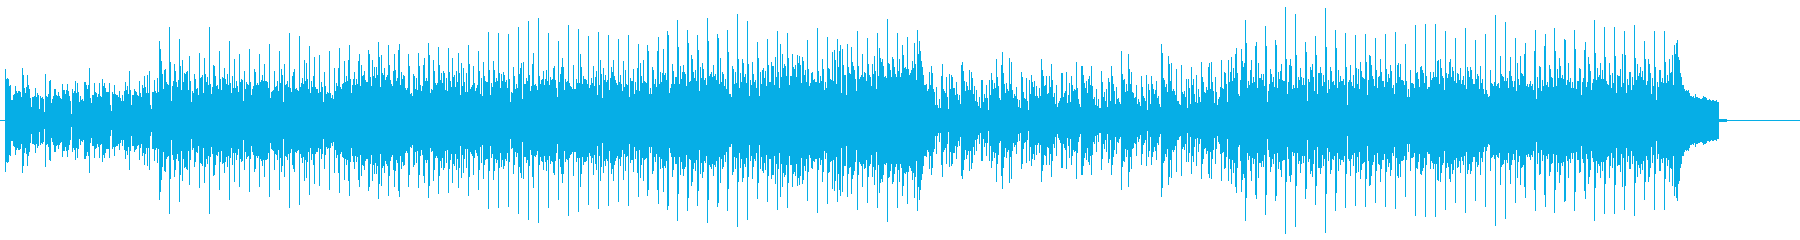 キュートでハウシーなリズムのエレ・ポップの再生済みの波形